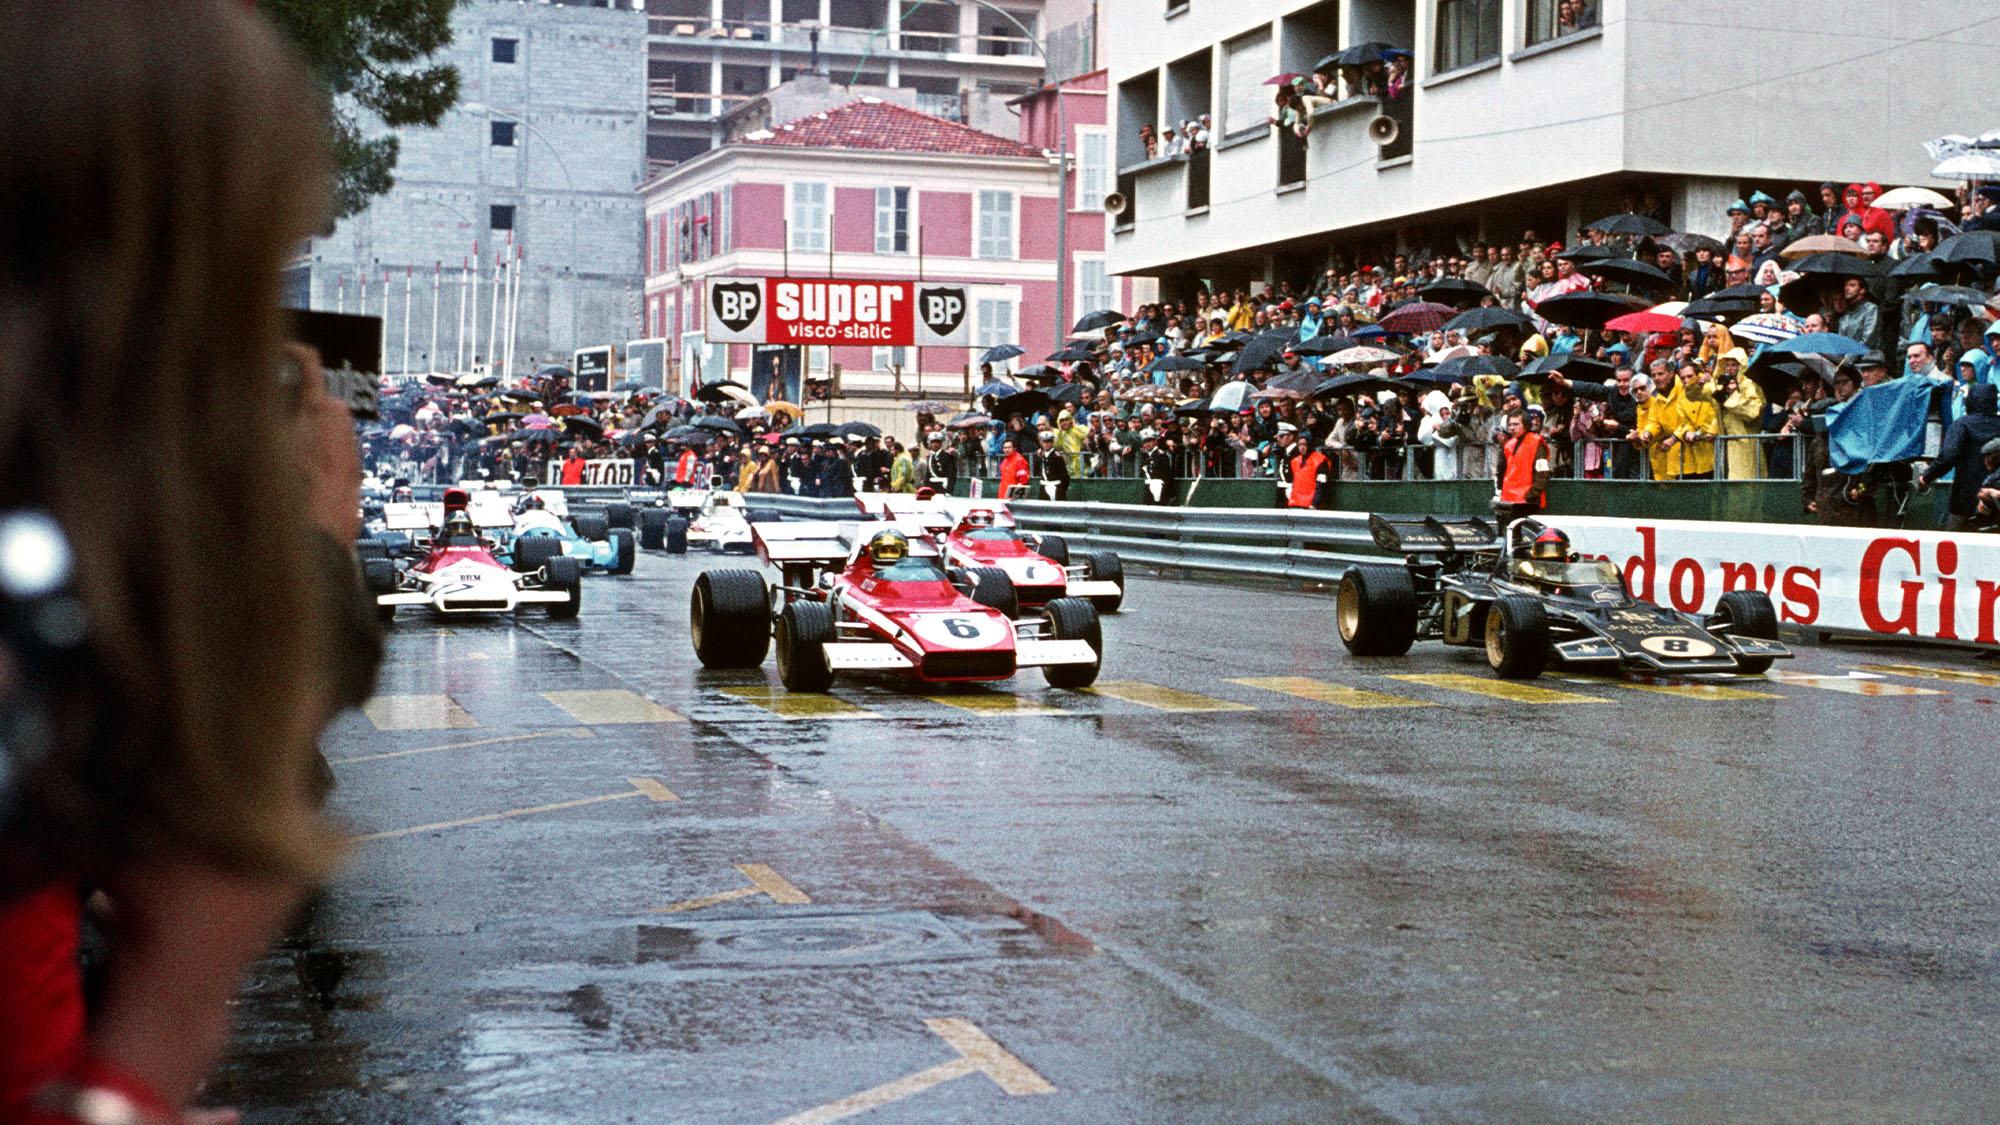 Beltoise Monaco 72 starting grid